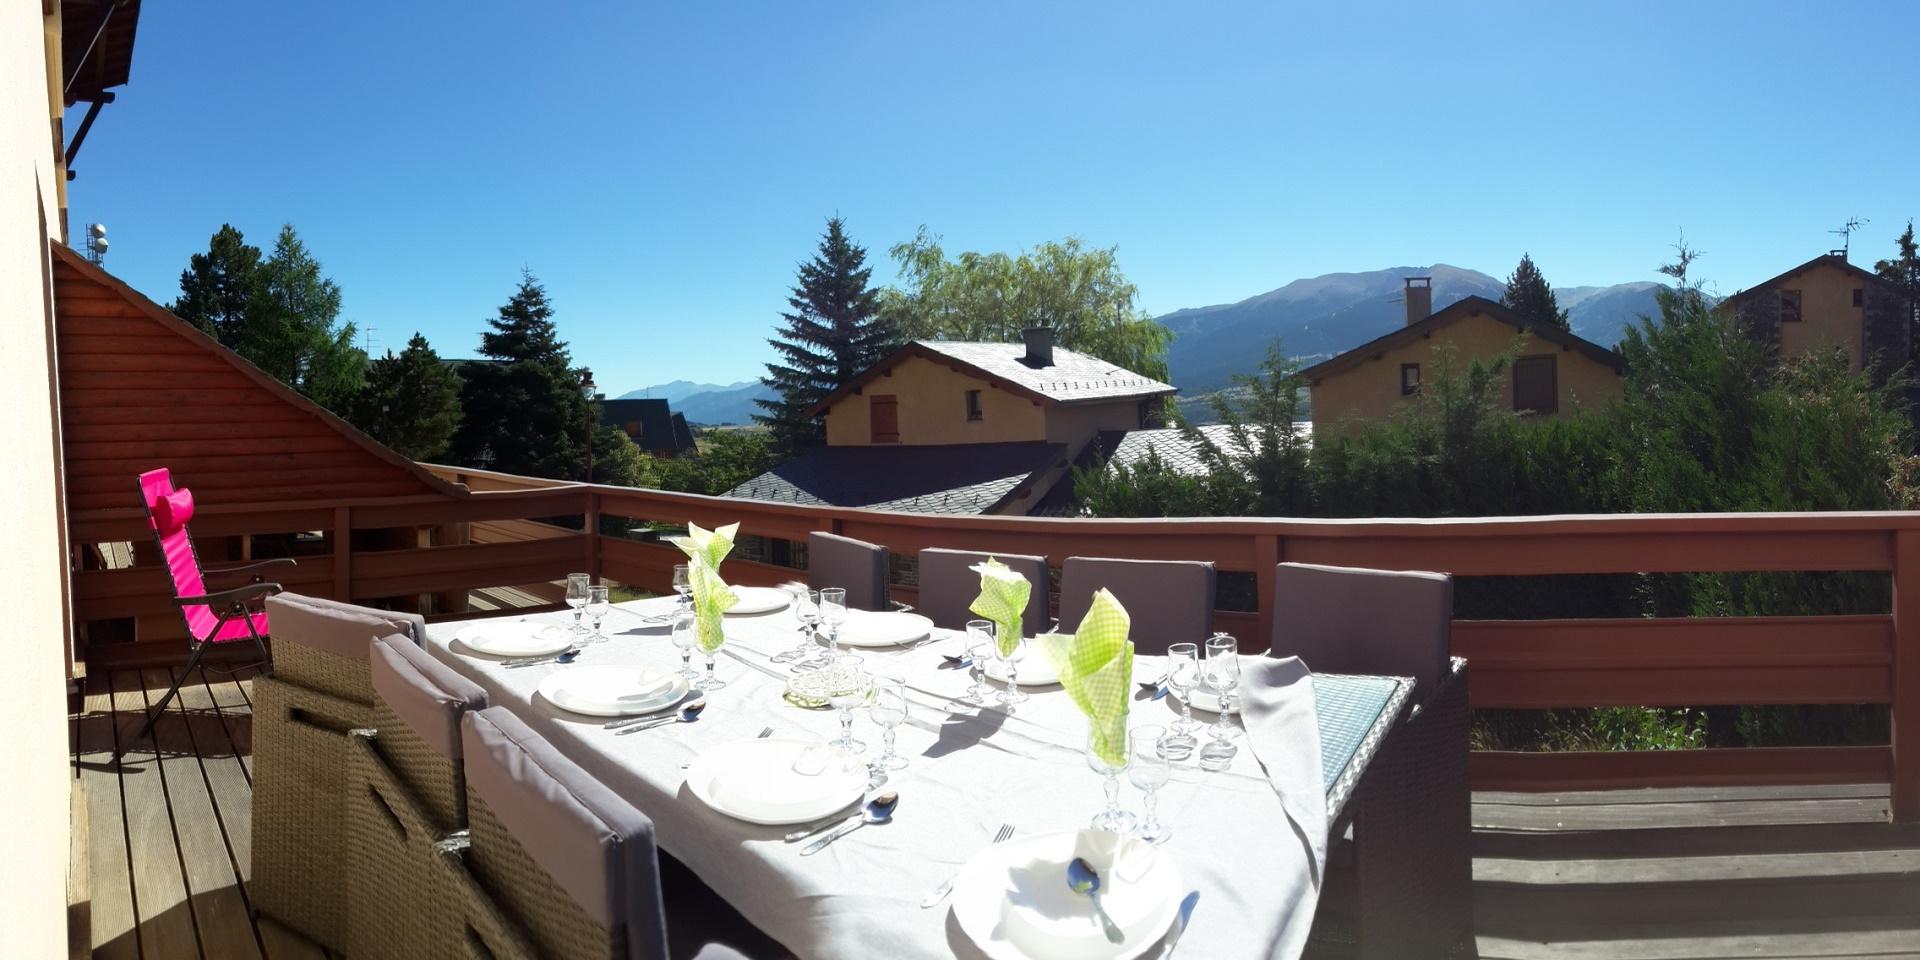 Vue panoramique de la terrasse : Les montagnes